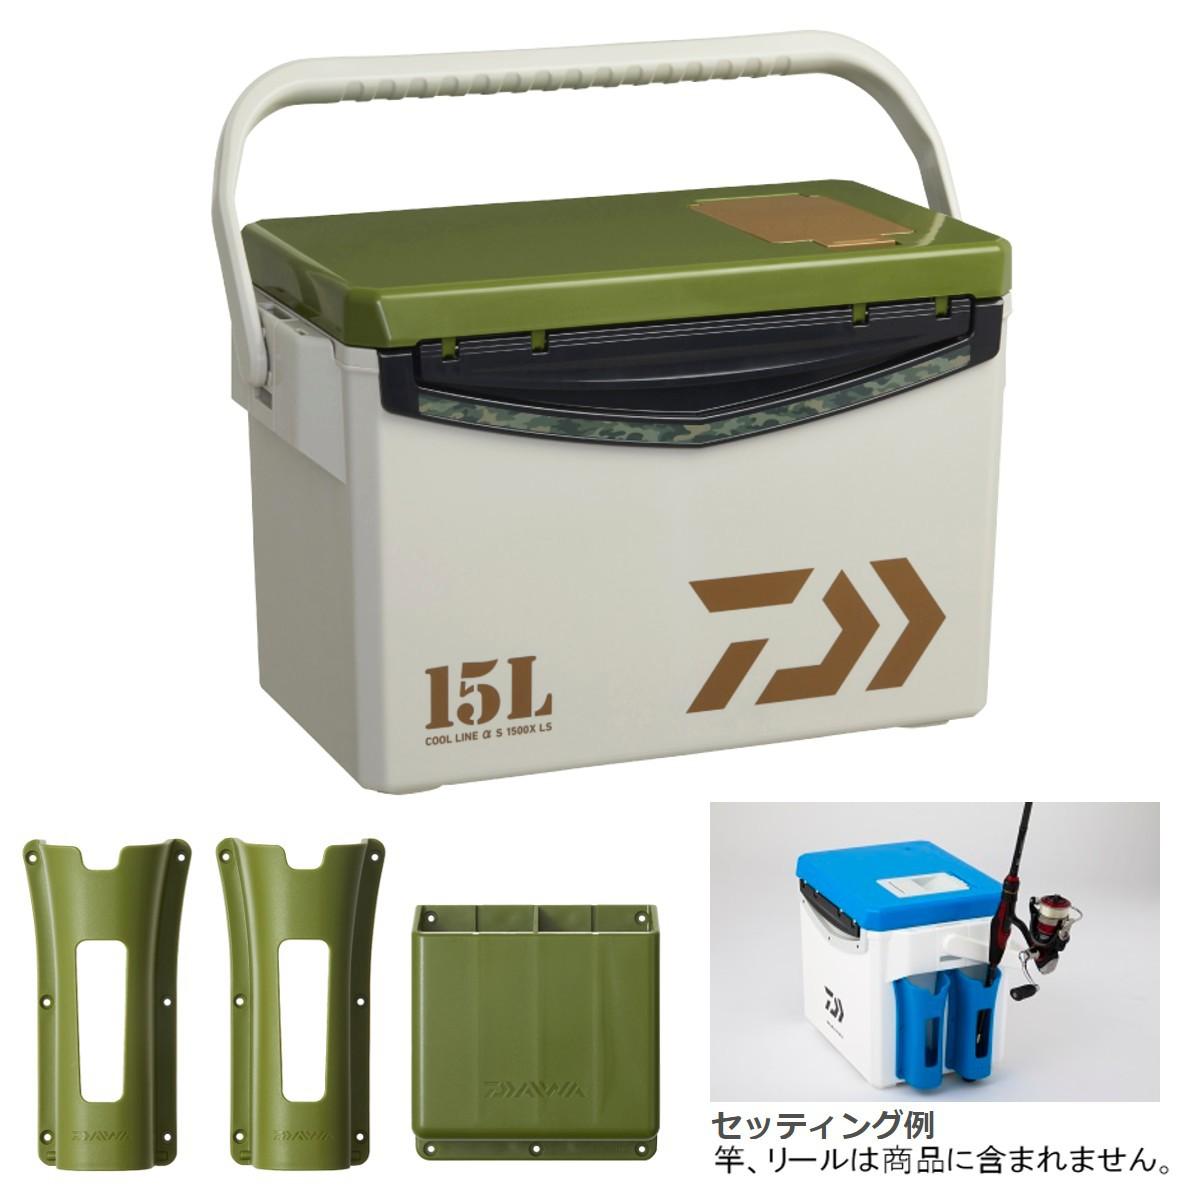 ダイワ クールラインα S グリーン LS 1500X LS グリーン クーラーボックス(東日本店) 1500X【同梱不可】, ミトミムラ:39fd74cd --- officewill.xsrv.jp